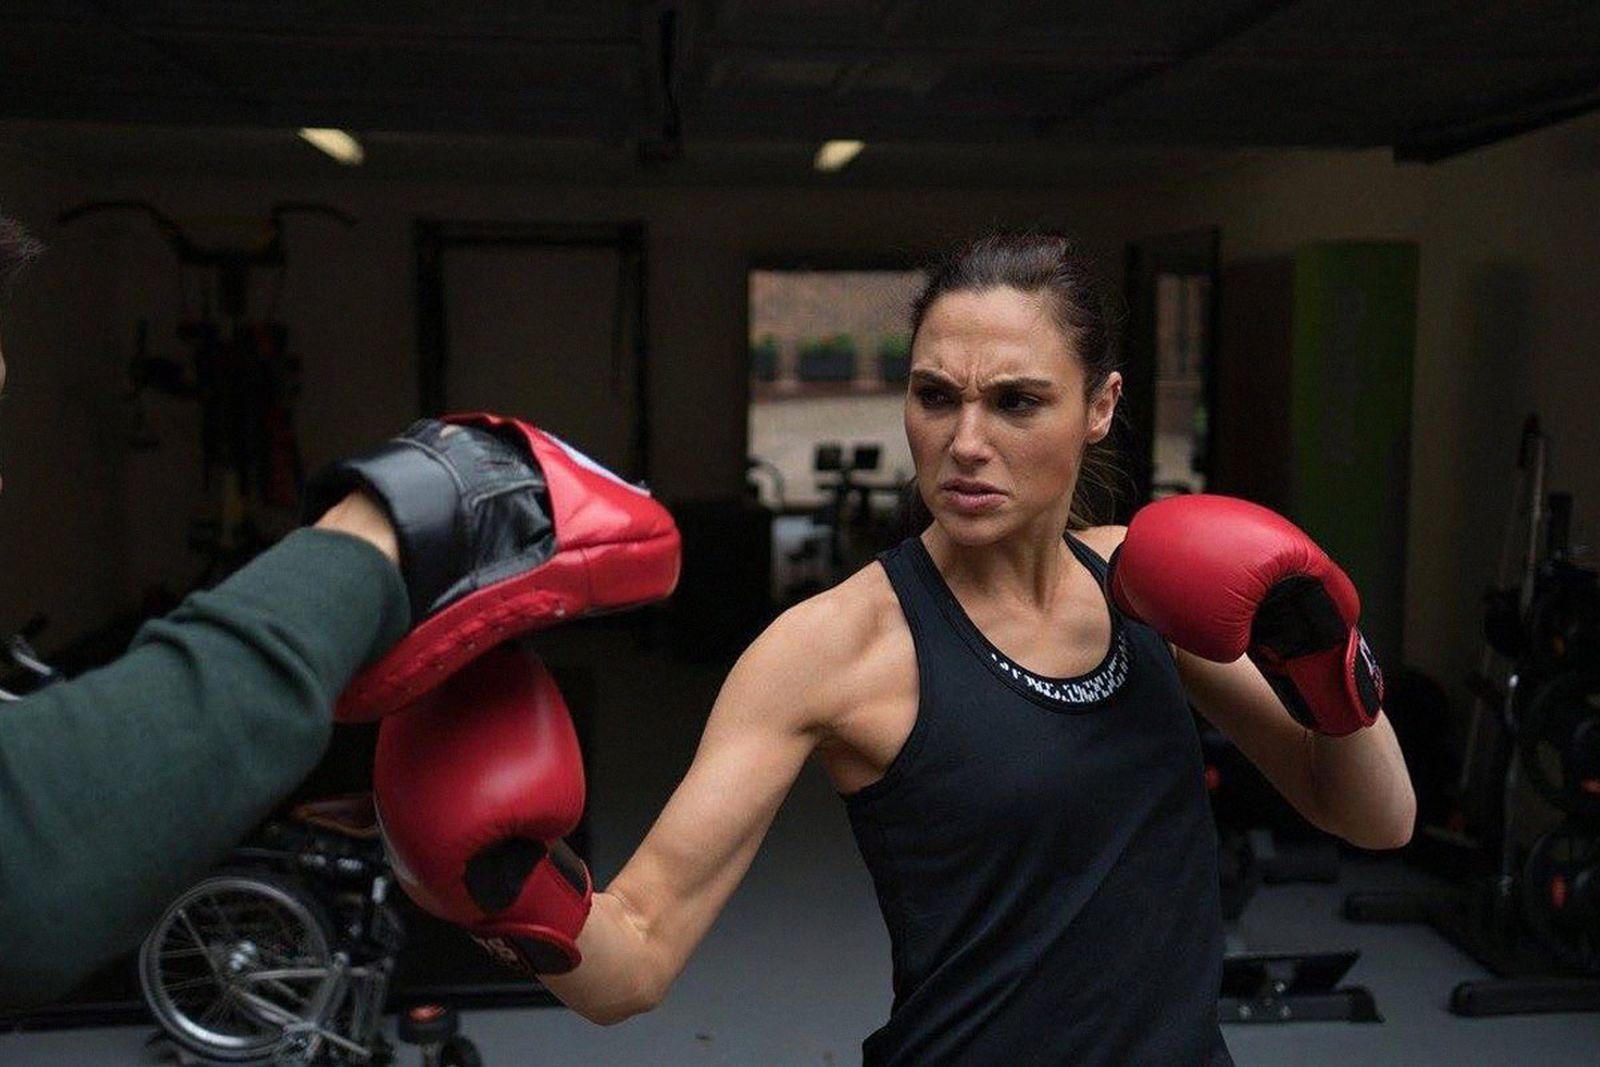 gal-gadot-wonder-woman-workout-routine-01